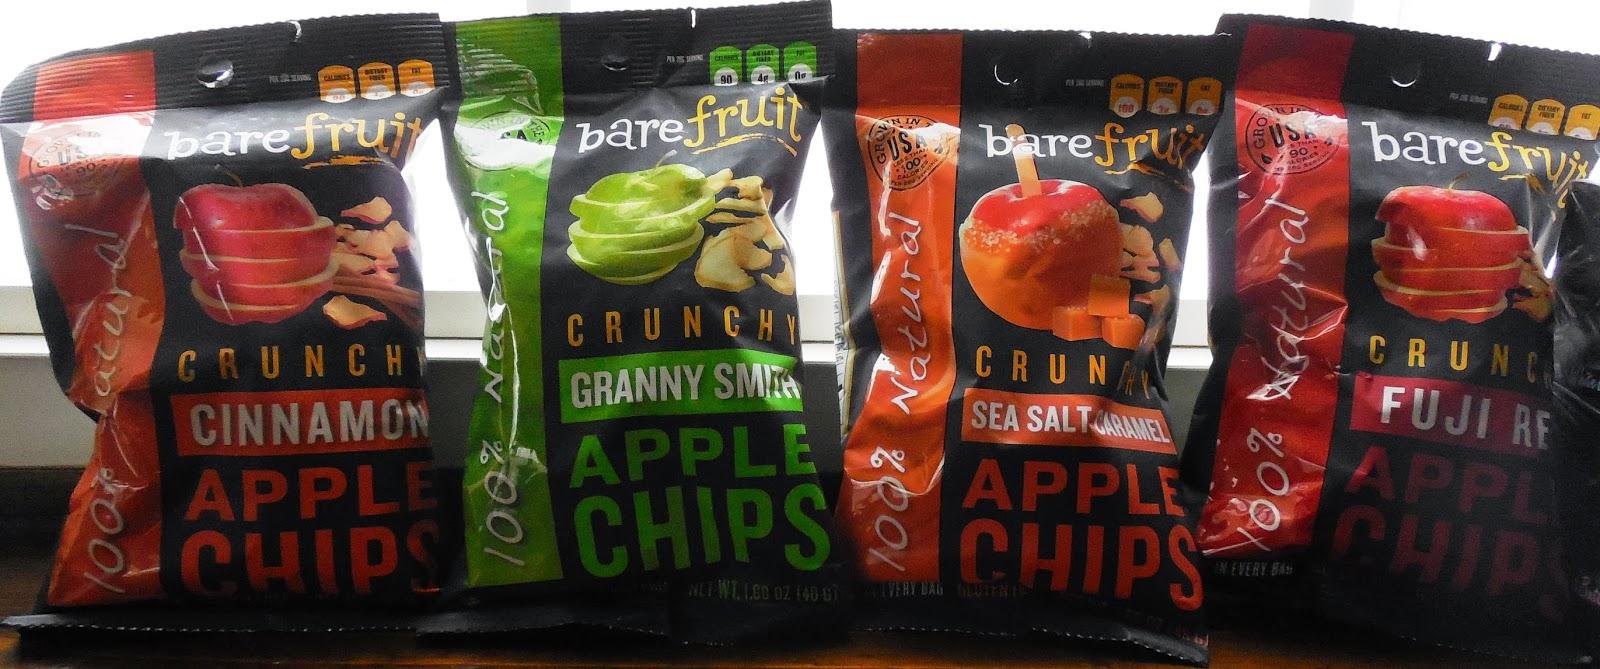 Barefruit Apple Chips